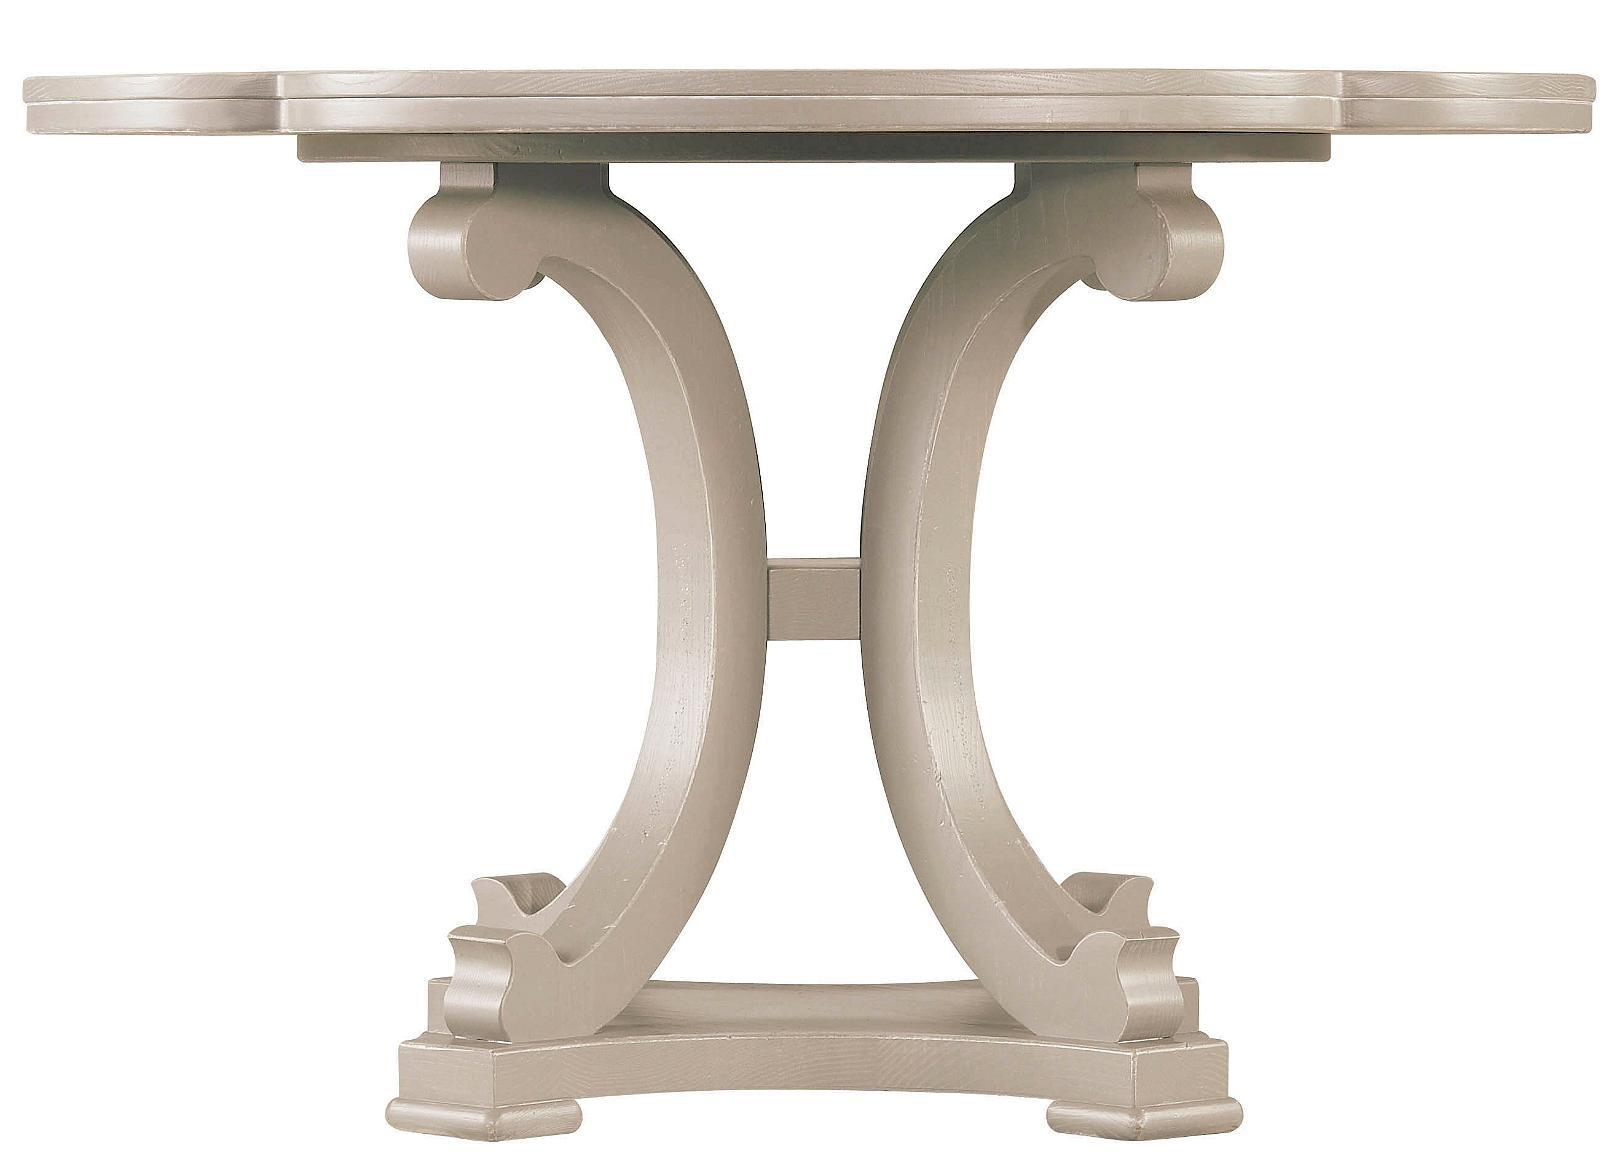 Stanley Furniture Coastal Living Resort Seascape Table - Item Number: 062-D1-34